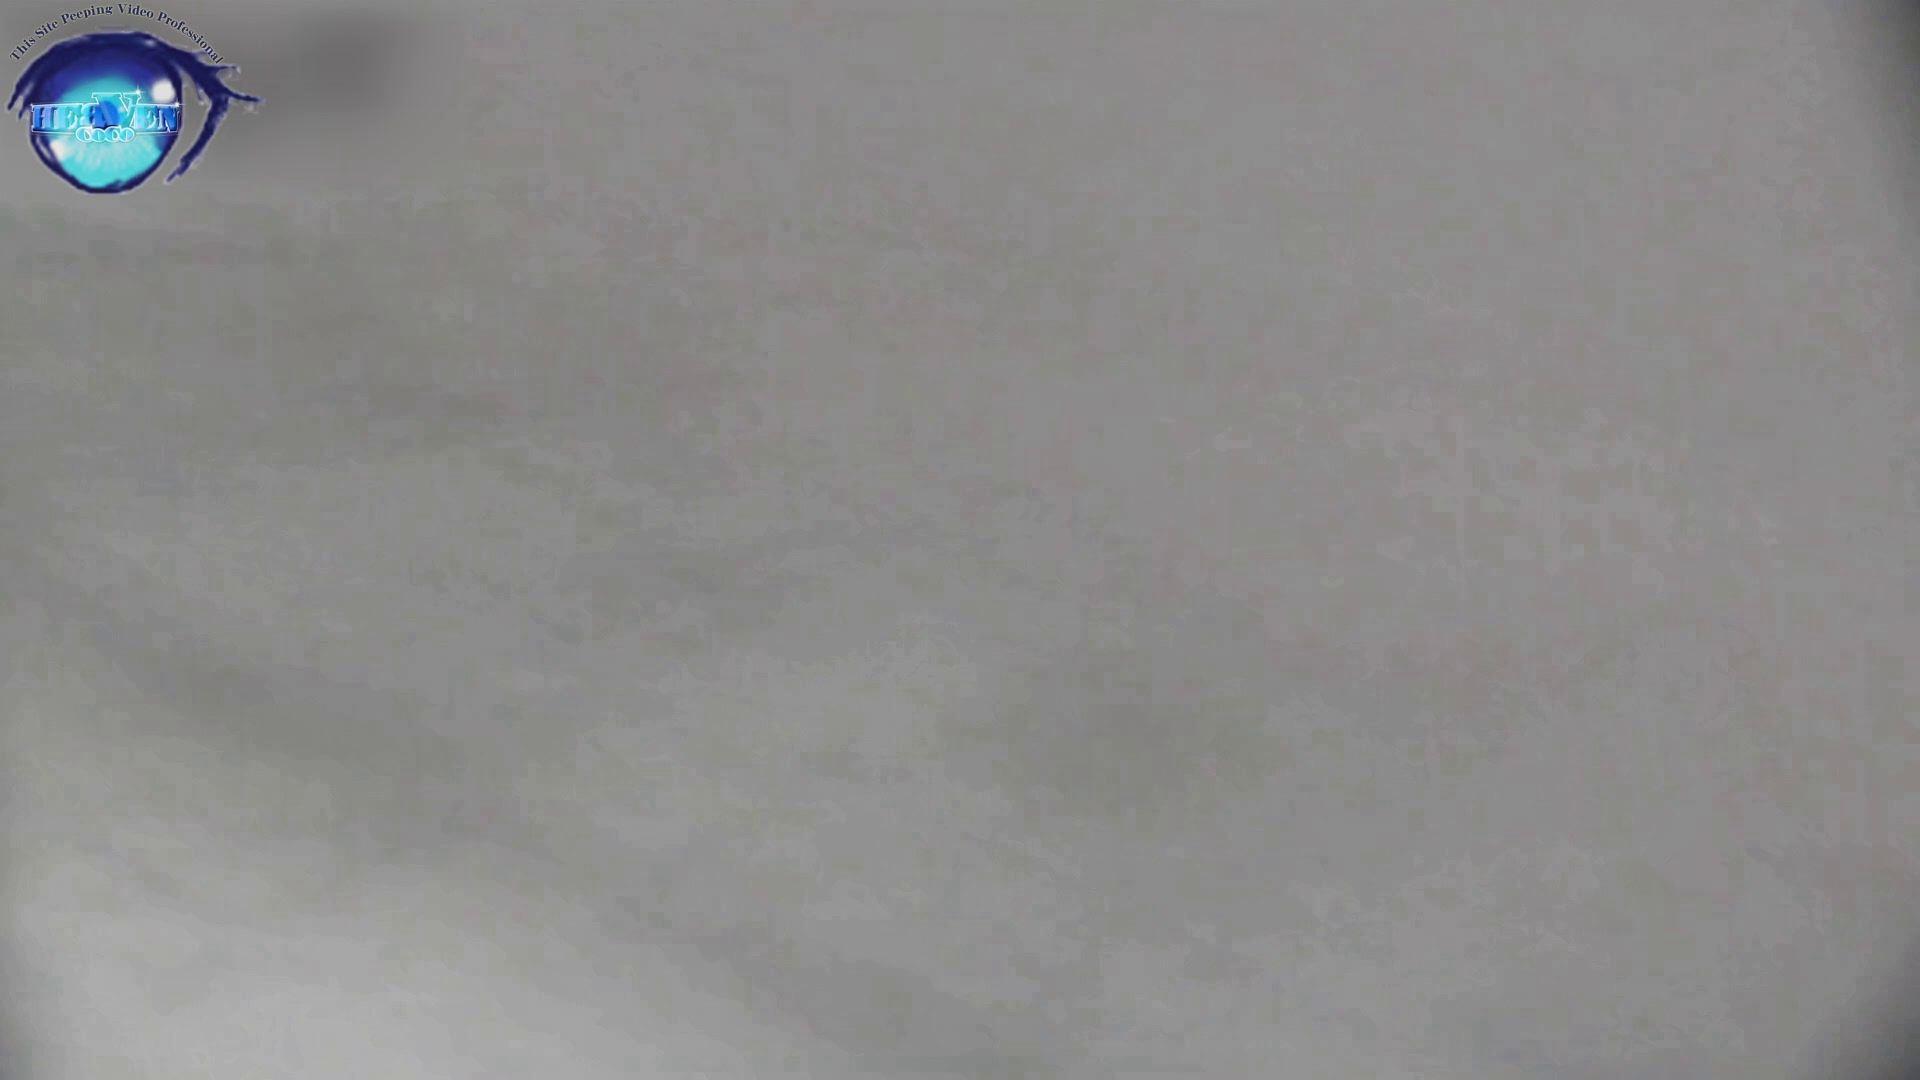 トイレ盗撮|お銀さん vol.60 ヤバイ扉叩かれ絶対絶命、散るか?お銀 前編|のぞき本舗 中村屋